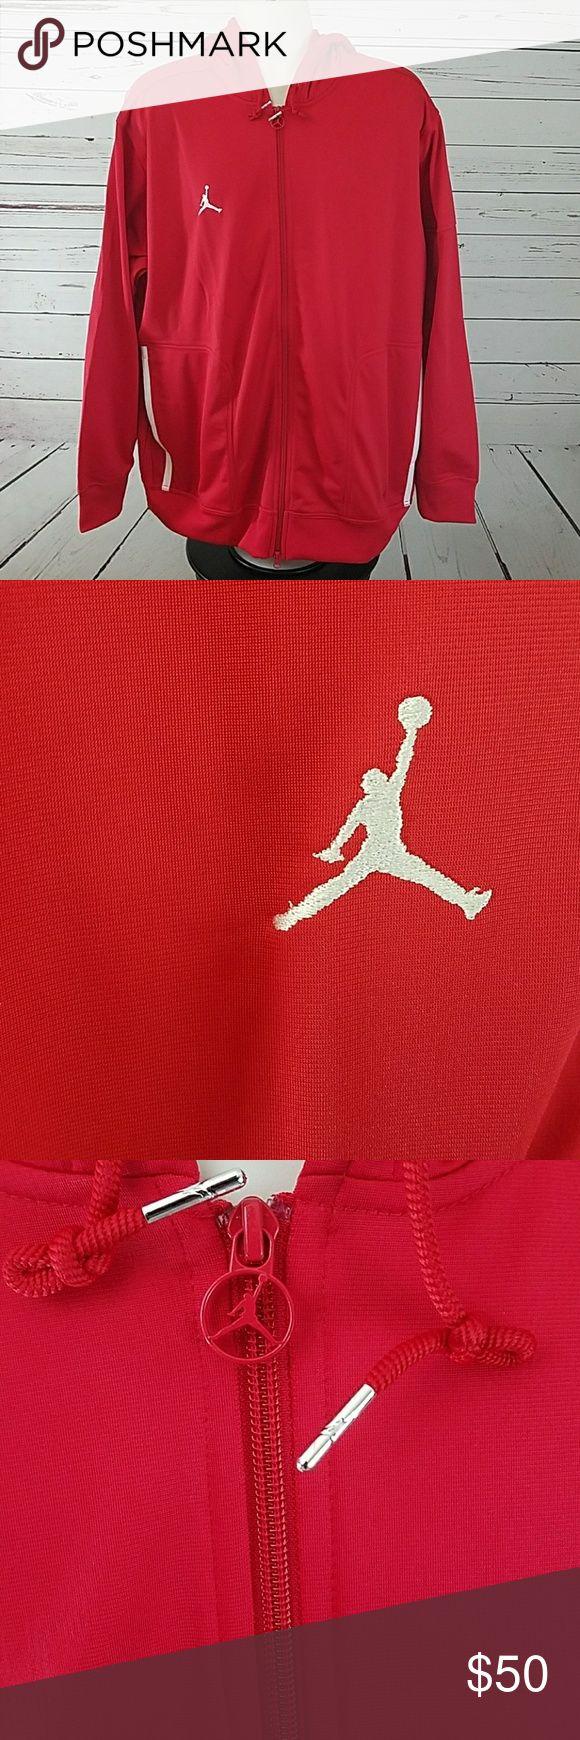 Nike Air Jordan Hoody XL Mens Red Jumpman  23 Nike Air Jordan Hoody XL Mens Red Jumpman  23 Brand New With Tags Nike Jackets & Coats